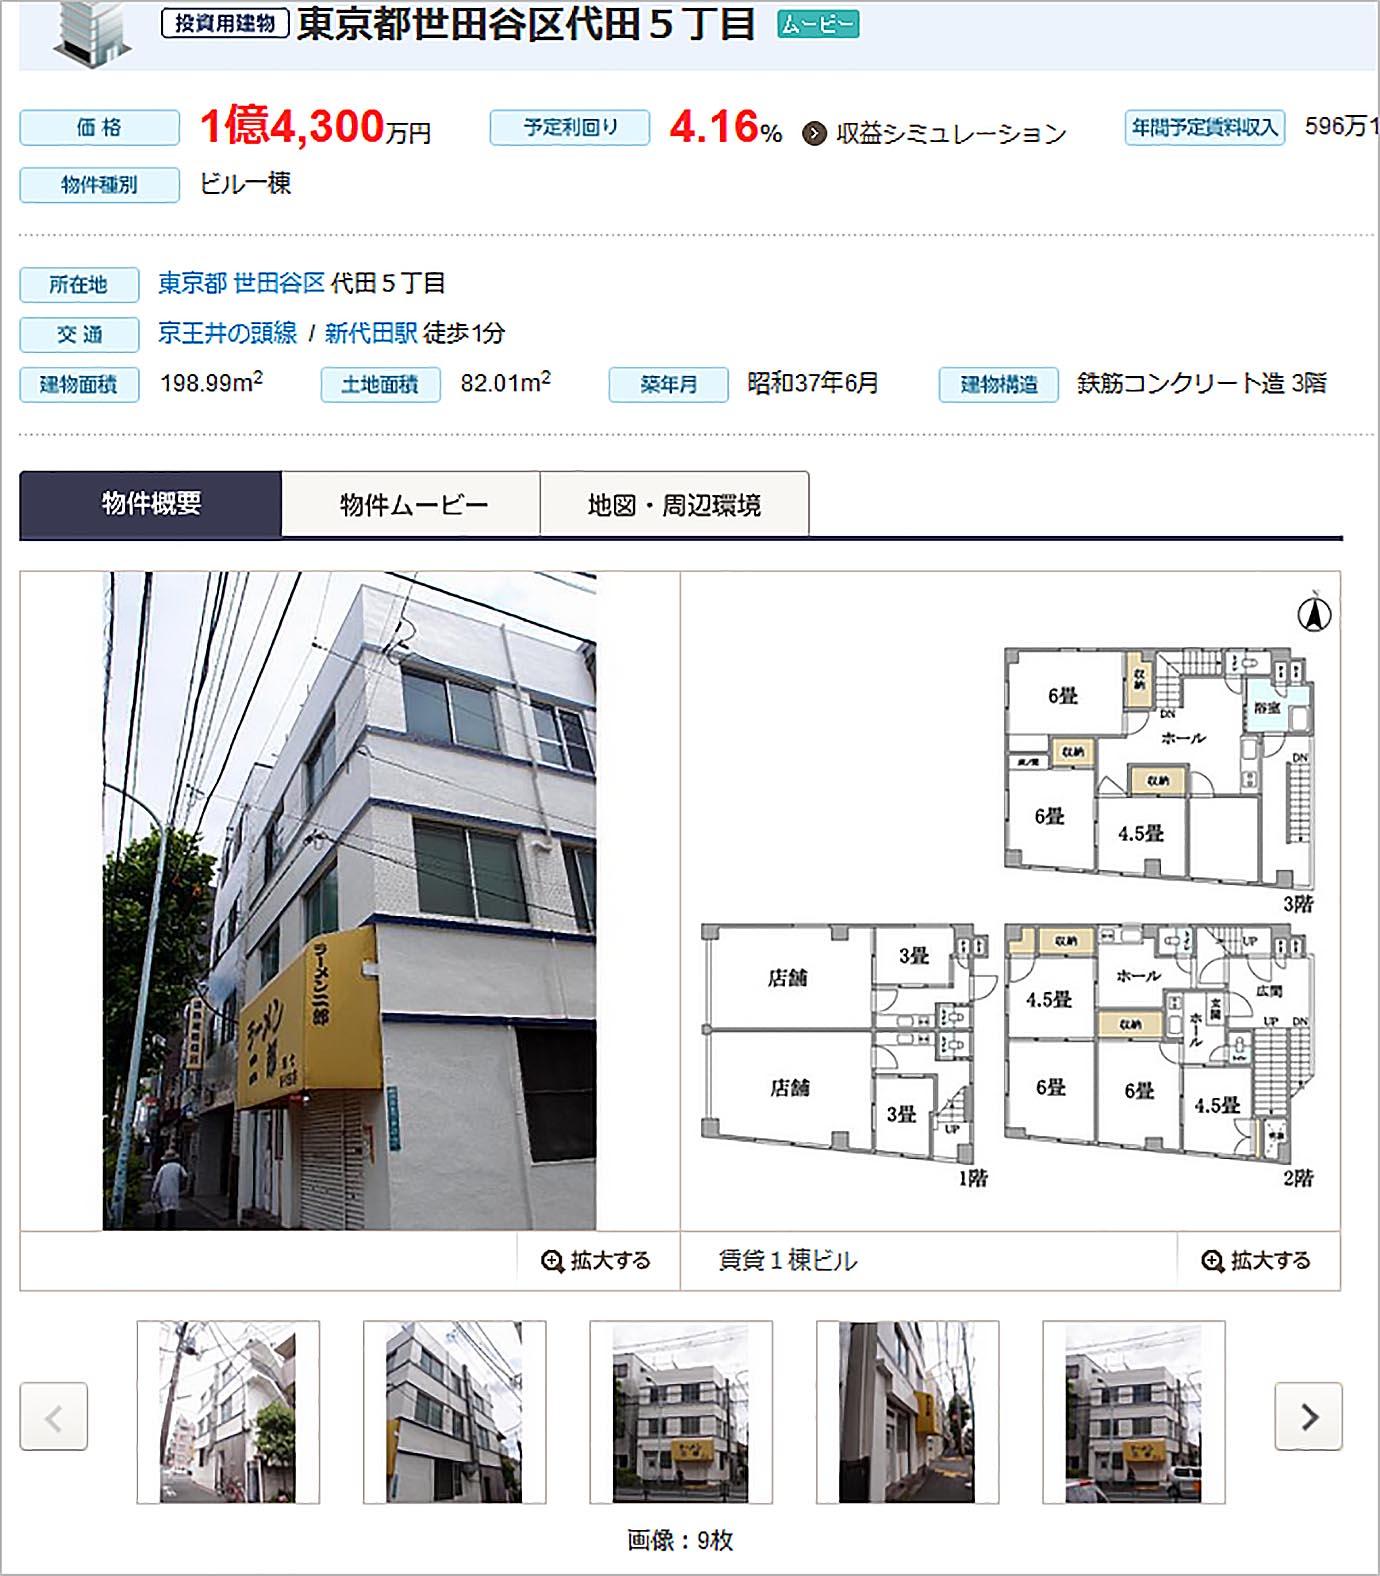 ramen-jiro-building